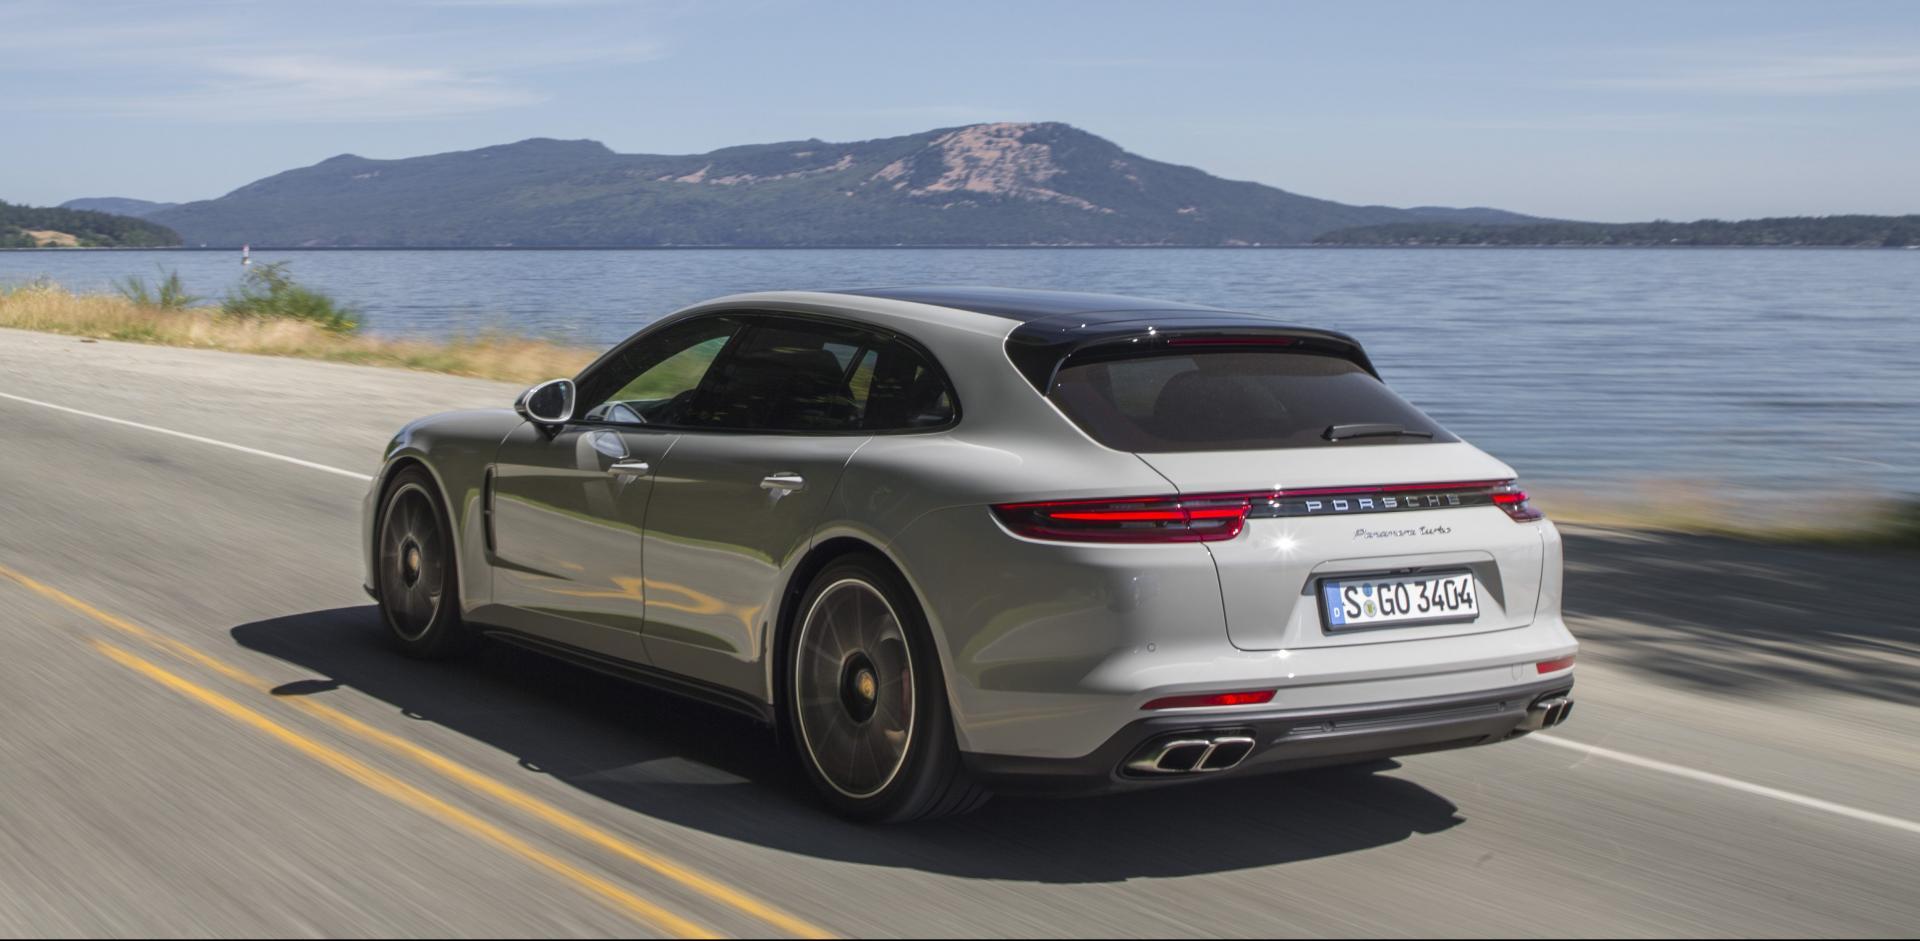 Porsche Panamera Sport Turismo 1e Rij Indruk Topgear